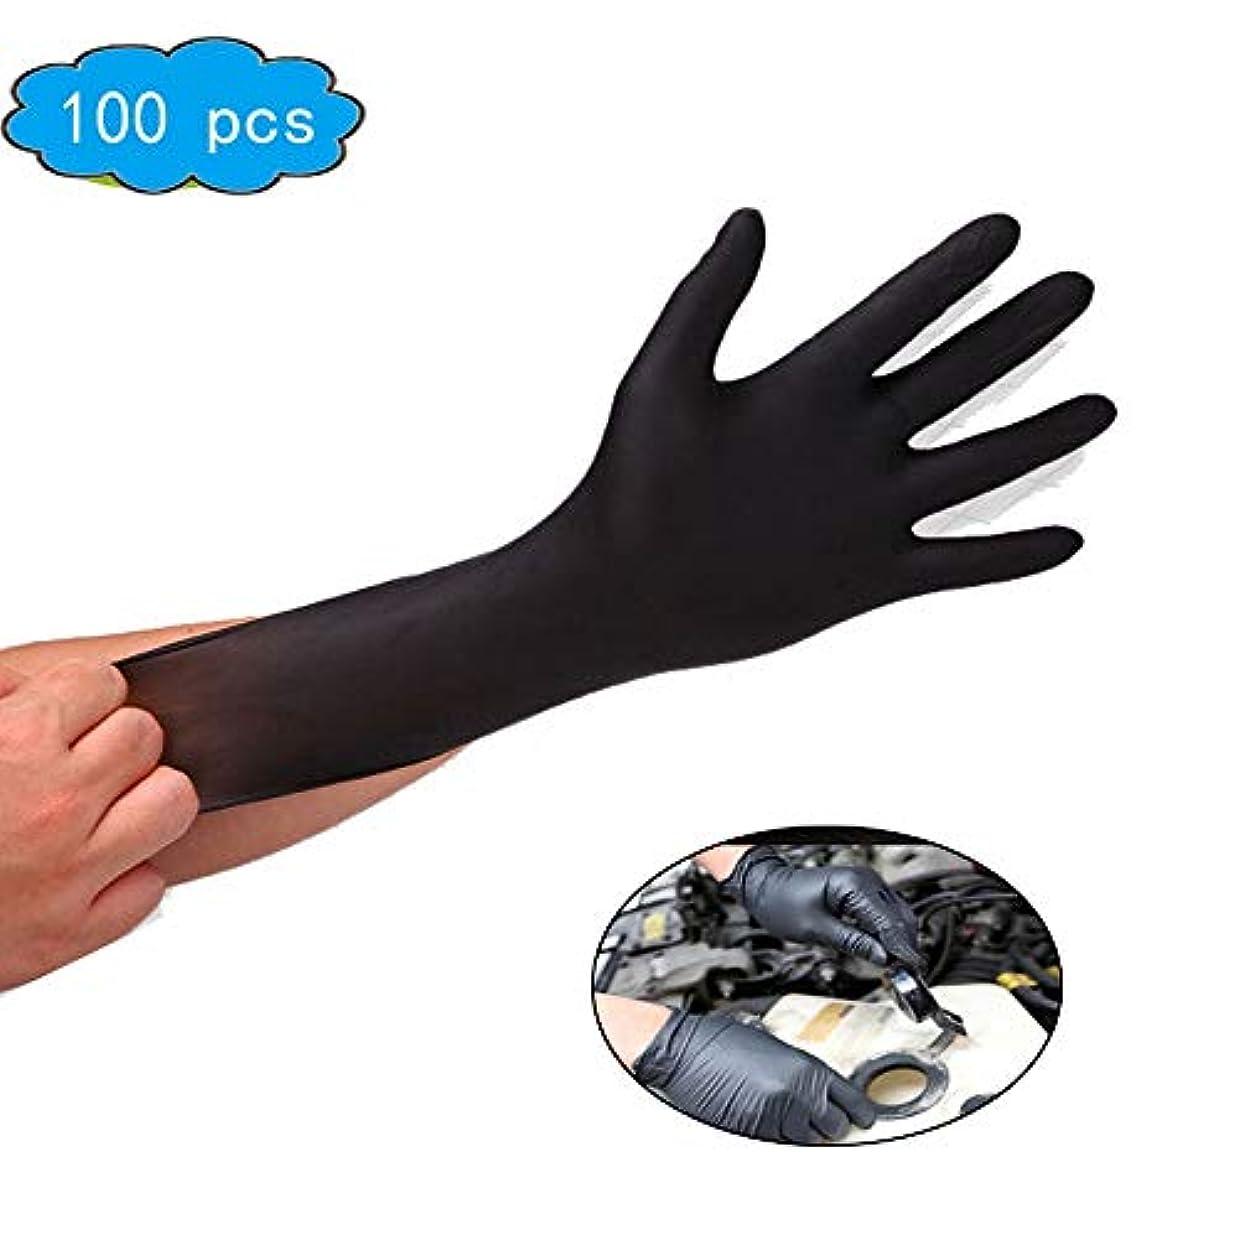 繁殖マントポルティコ使い捨てニトリル手袋、6 Mil、黒、サイズL、厚く、1パックあたり100個、工具と家庭の改善、家庭用クリーニンググローブ (Color : Black, Size : L)